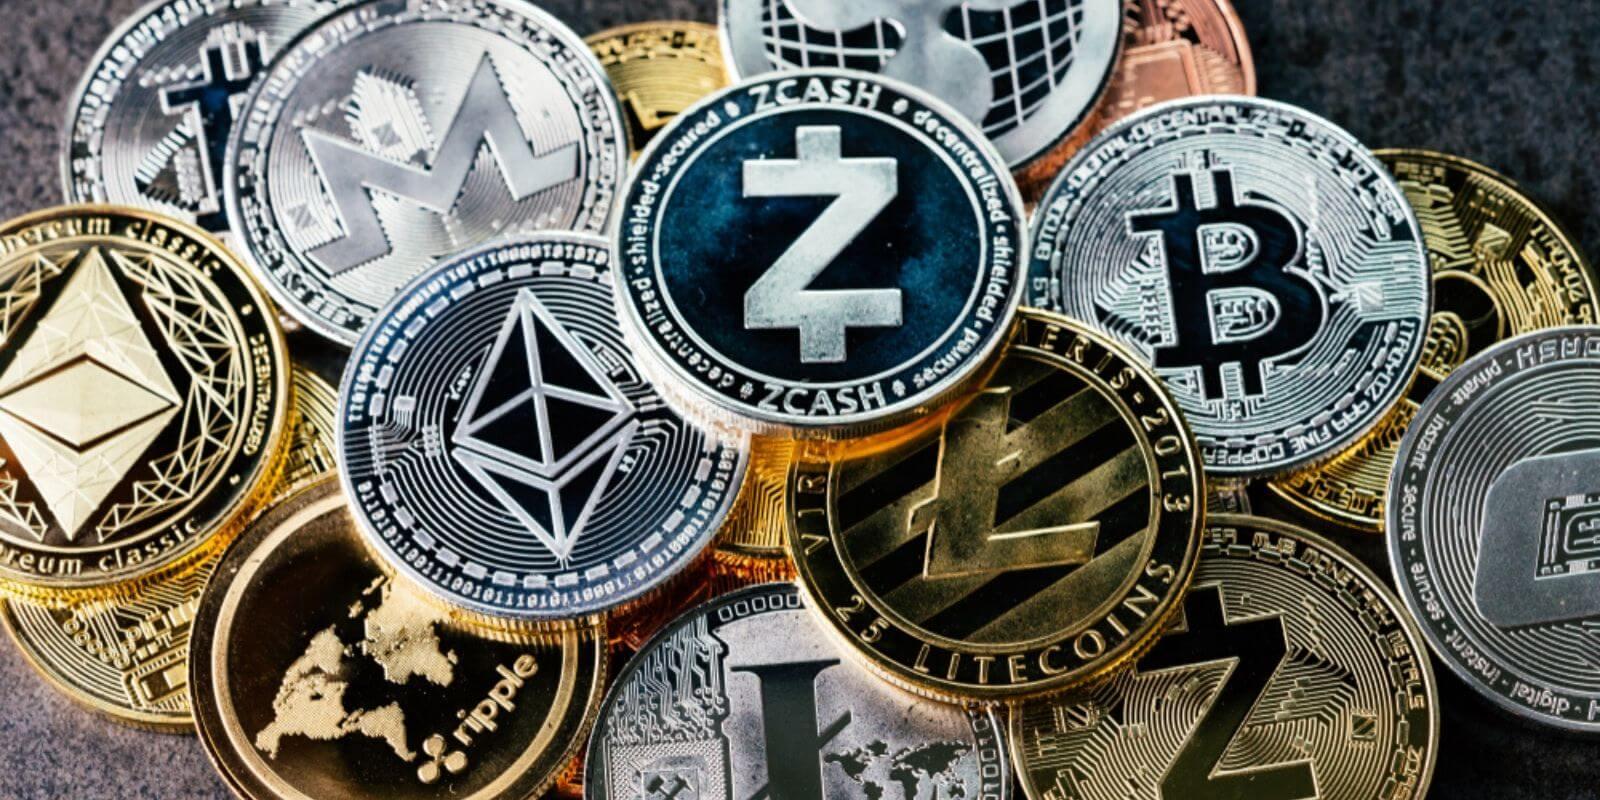 Les crypto monnaies les plus répandues